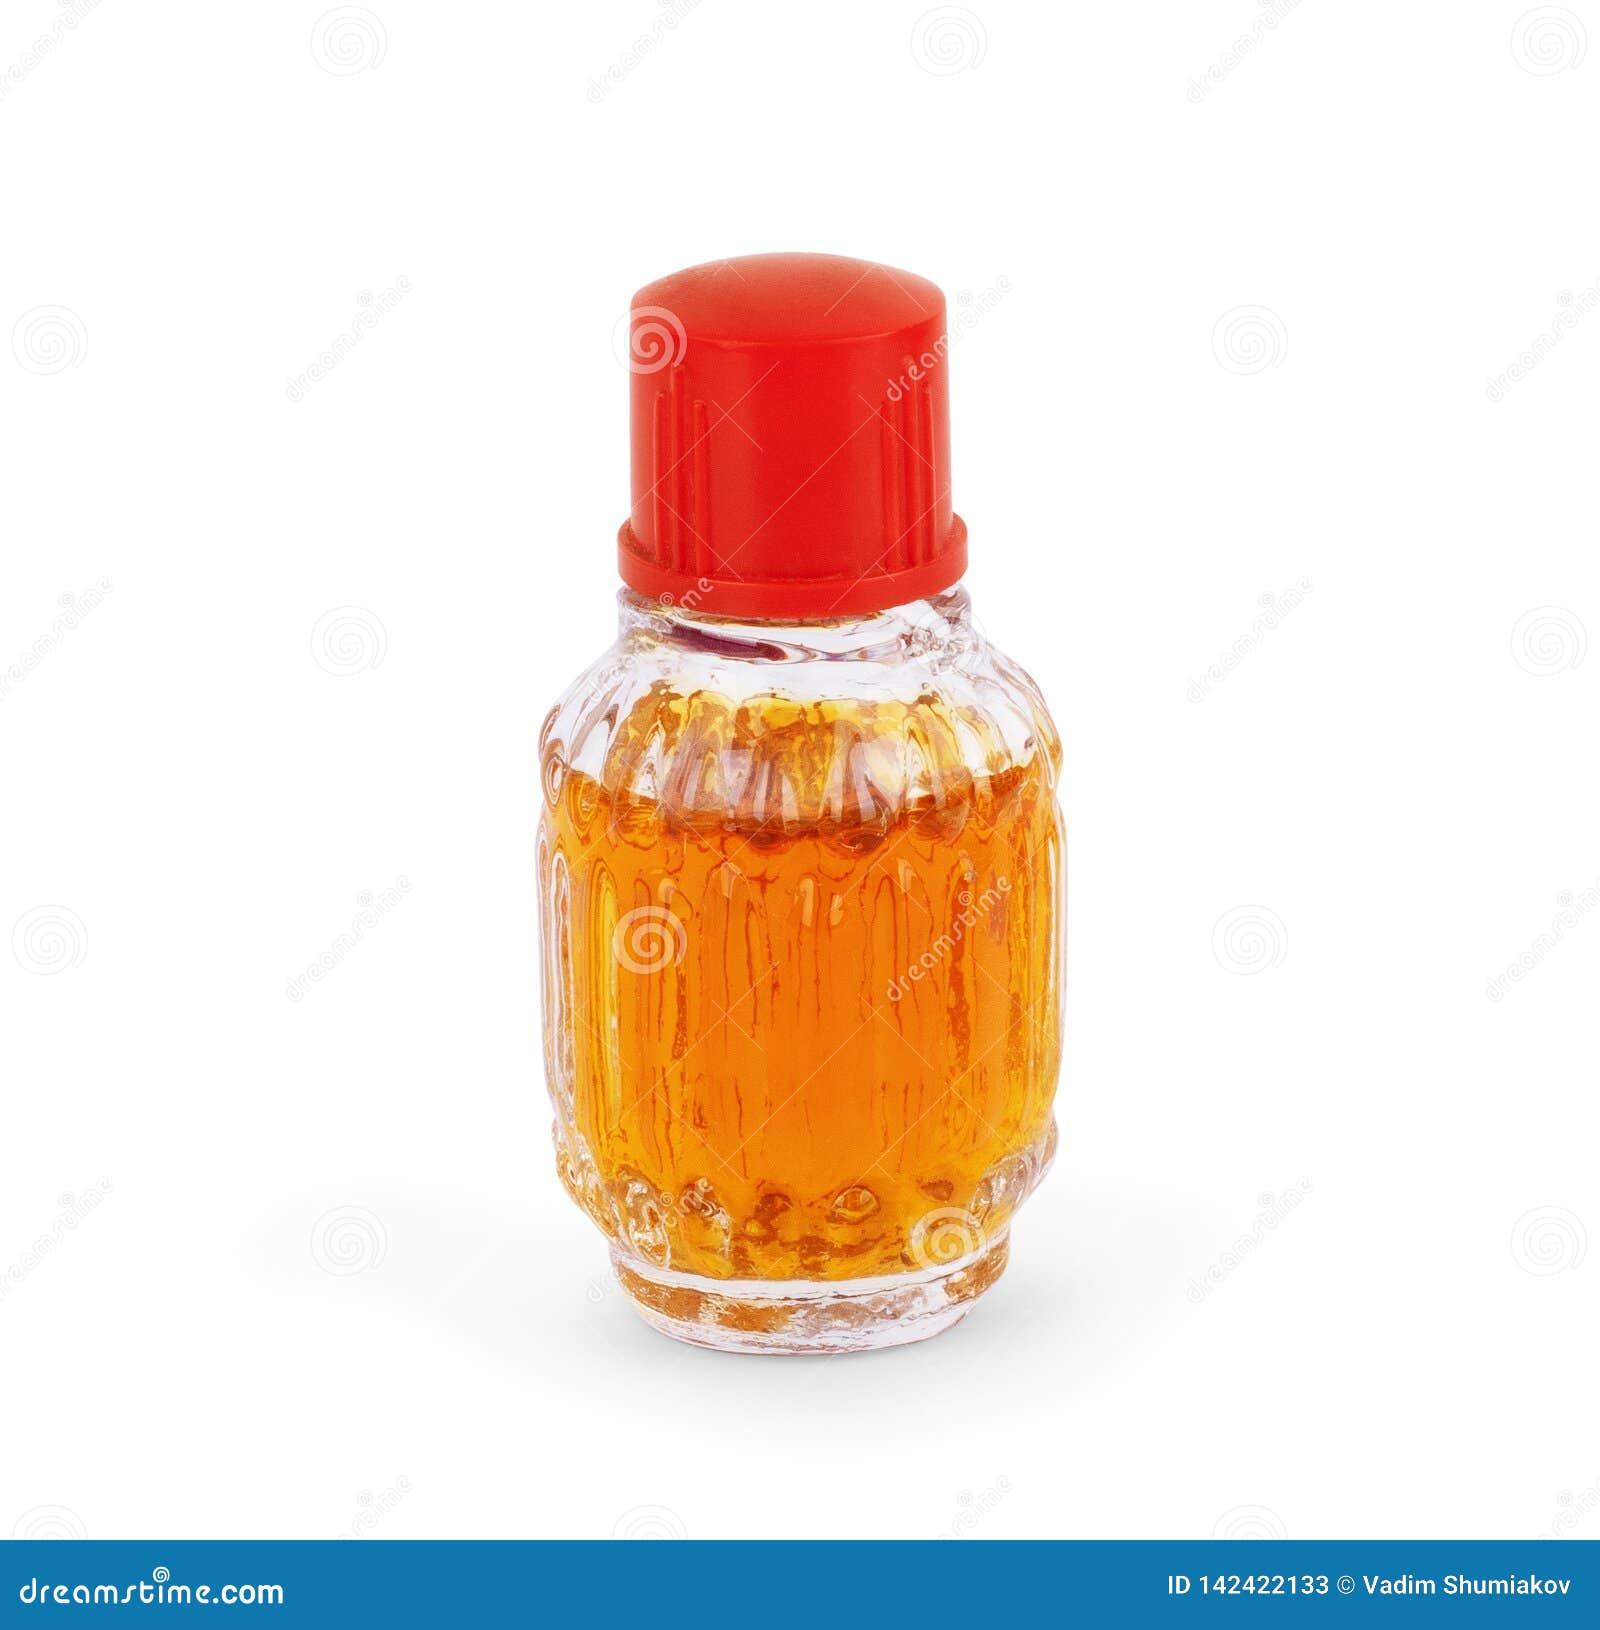 Weinlese, die alte Mode-Glas-Flaschen von aromatischem arabischem Oud Parfüm mit Crystal Clear Ball Shape Dropper ölt, lokalisier